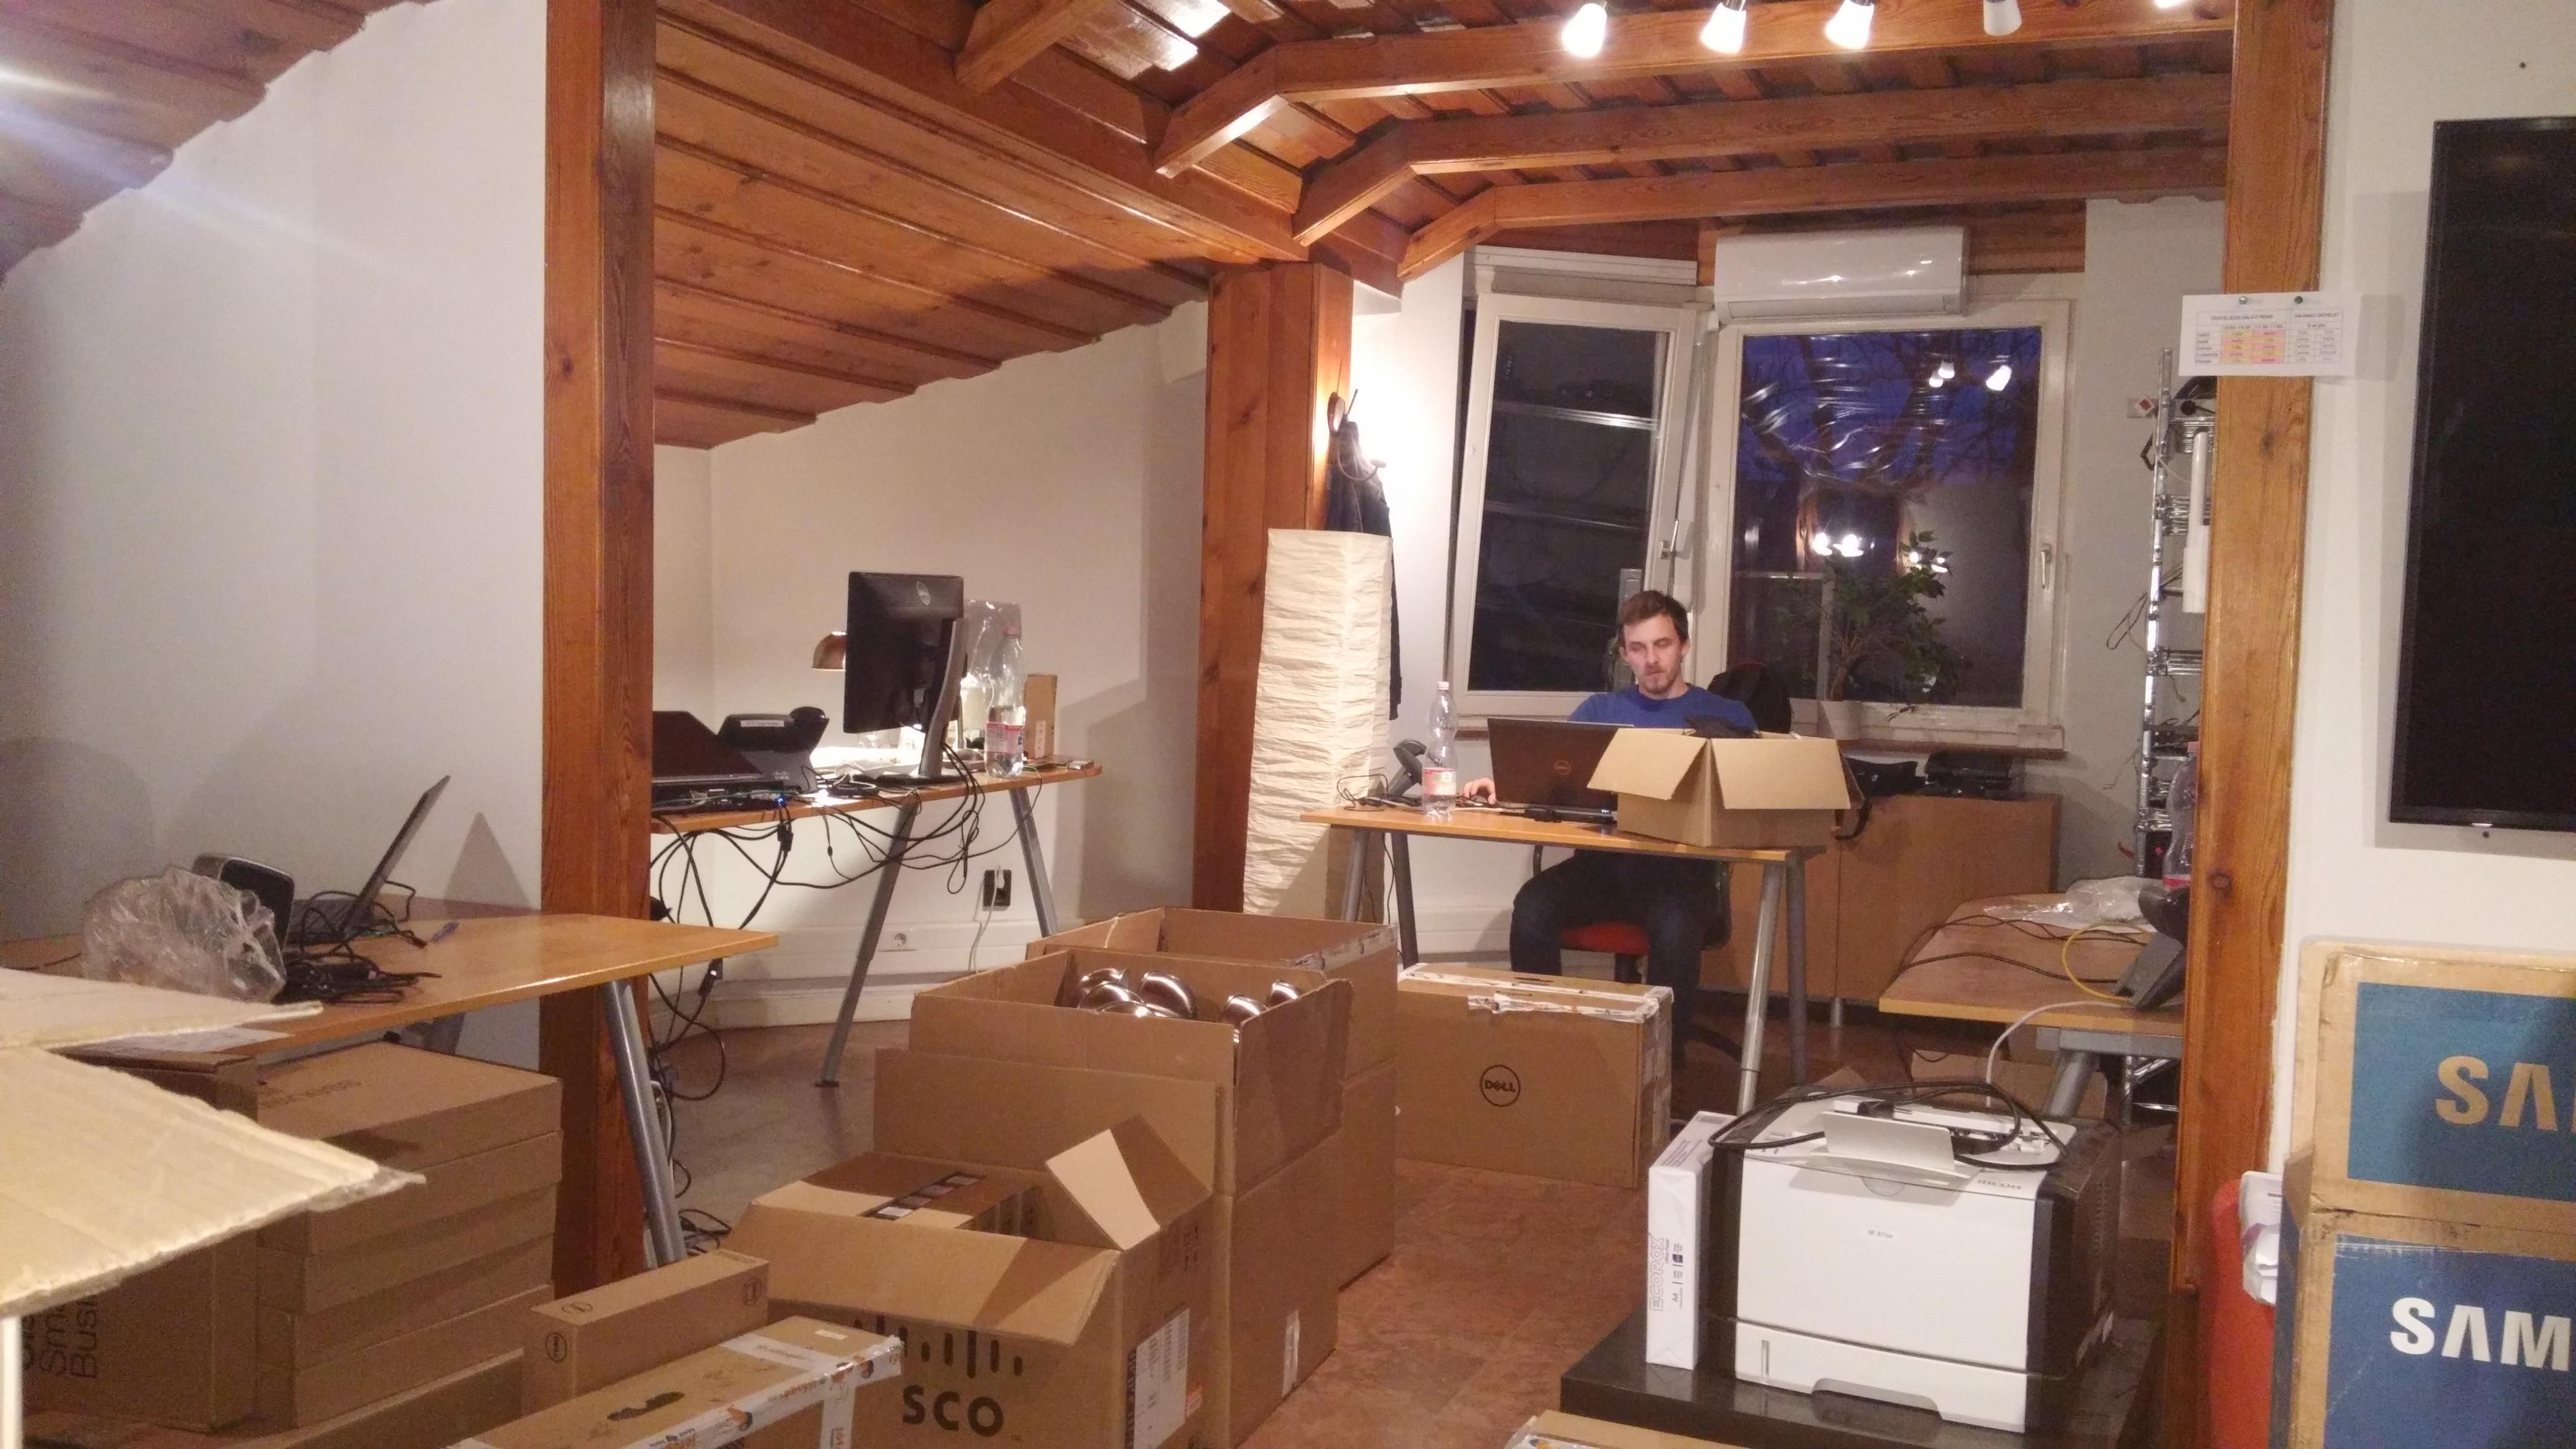 Vállalati telekommunikáció Opennetworks költözködés